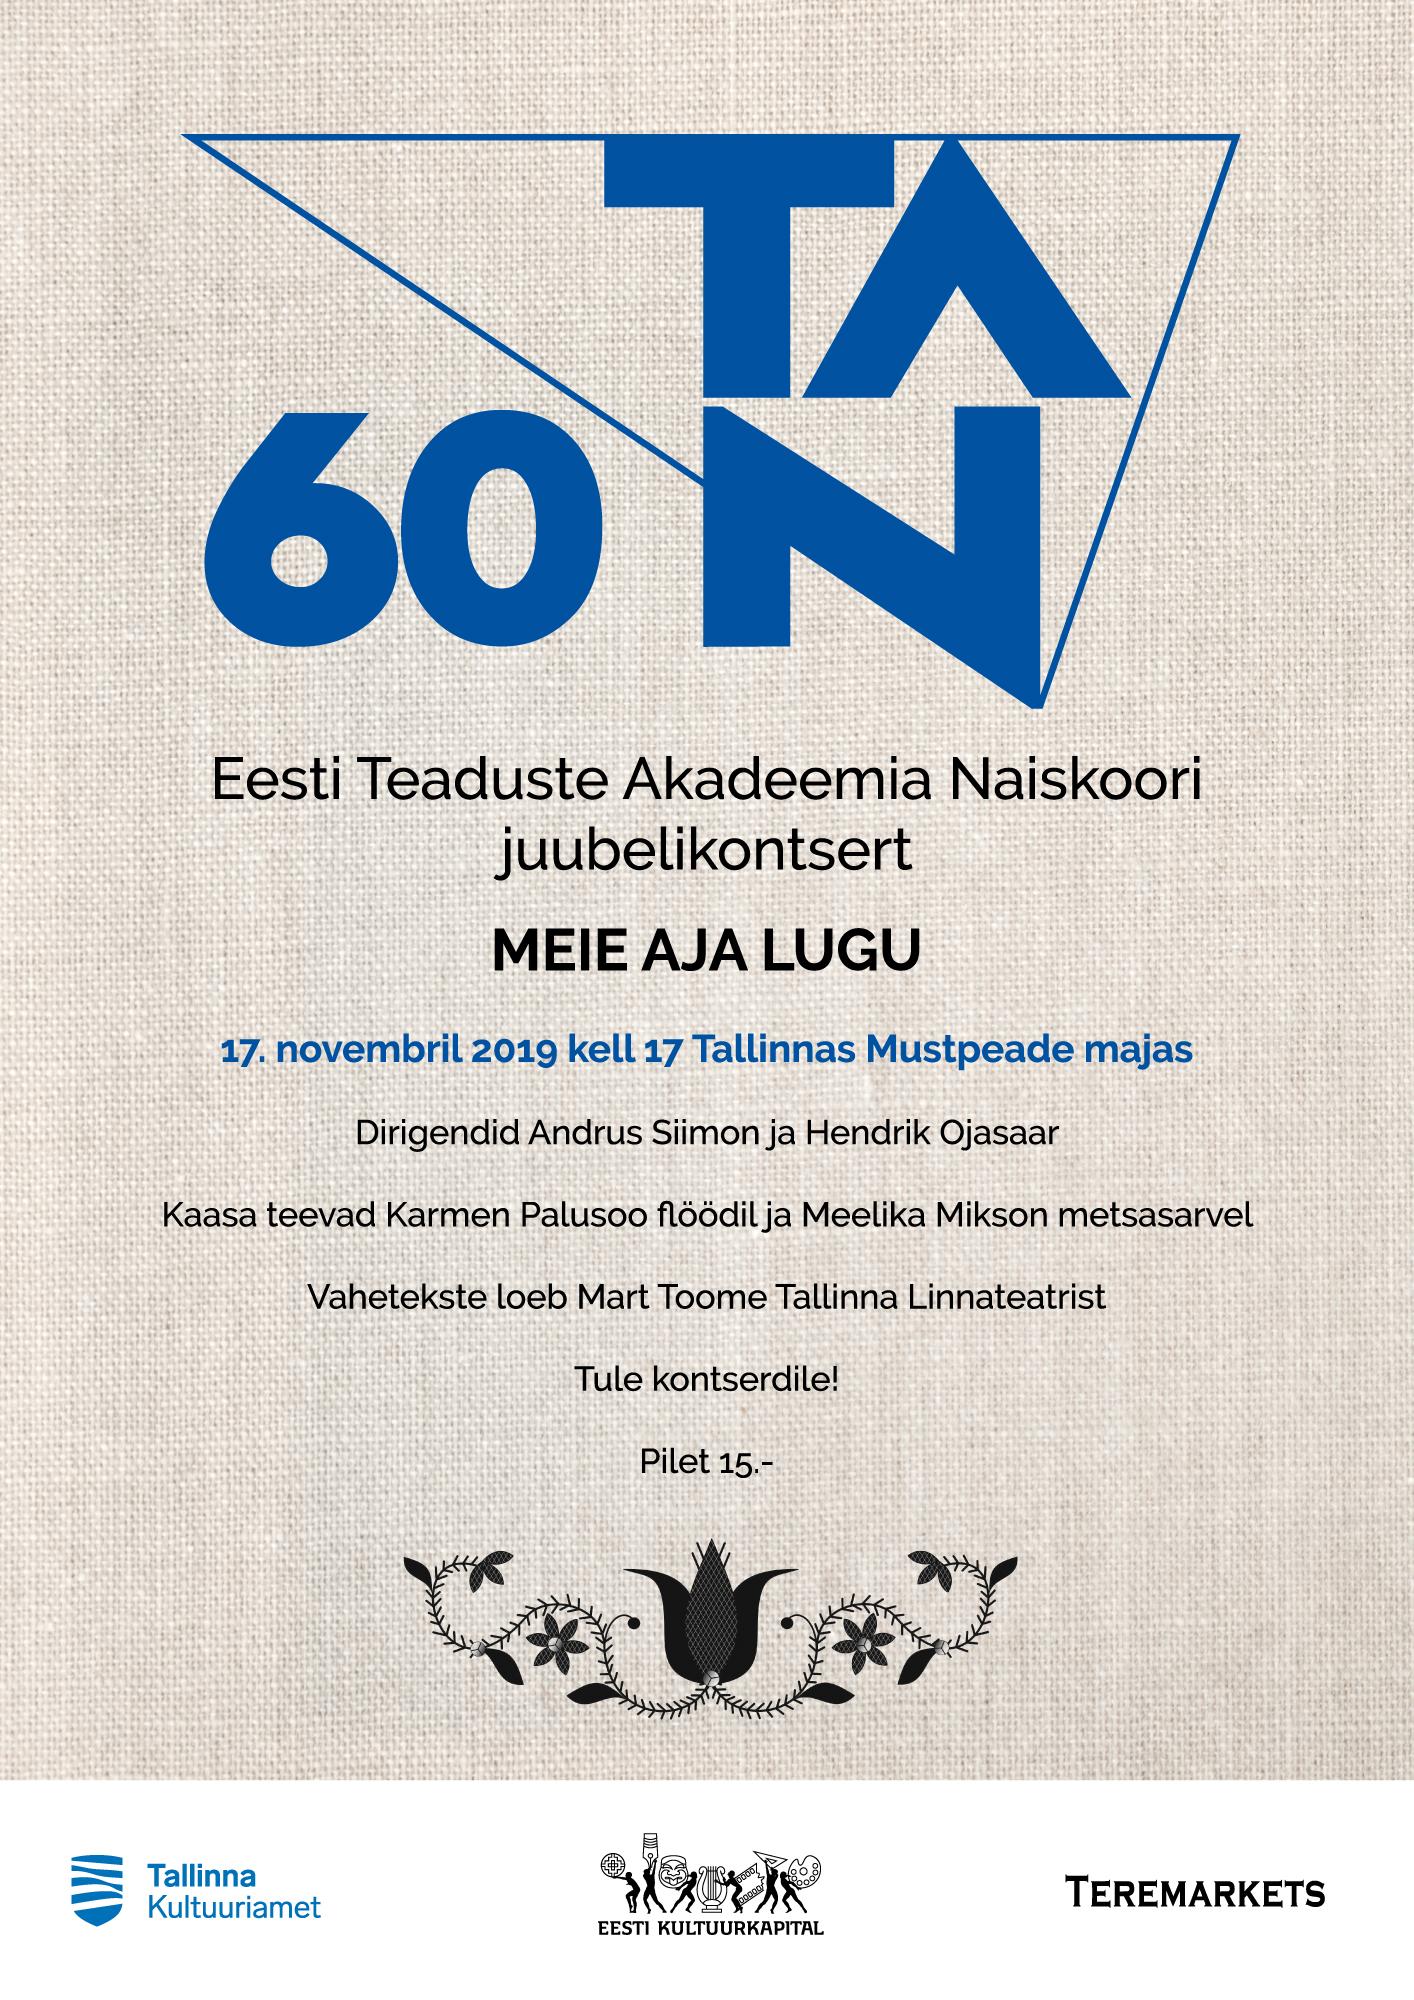 Eesti Teaduste Akadeemia Naiskoori juubelikontsert ''Meie aja lugu''